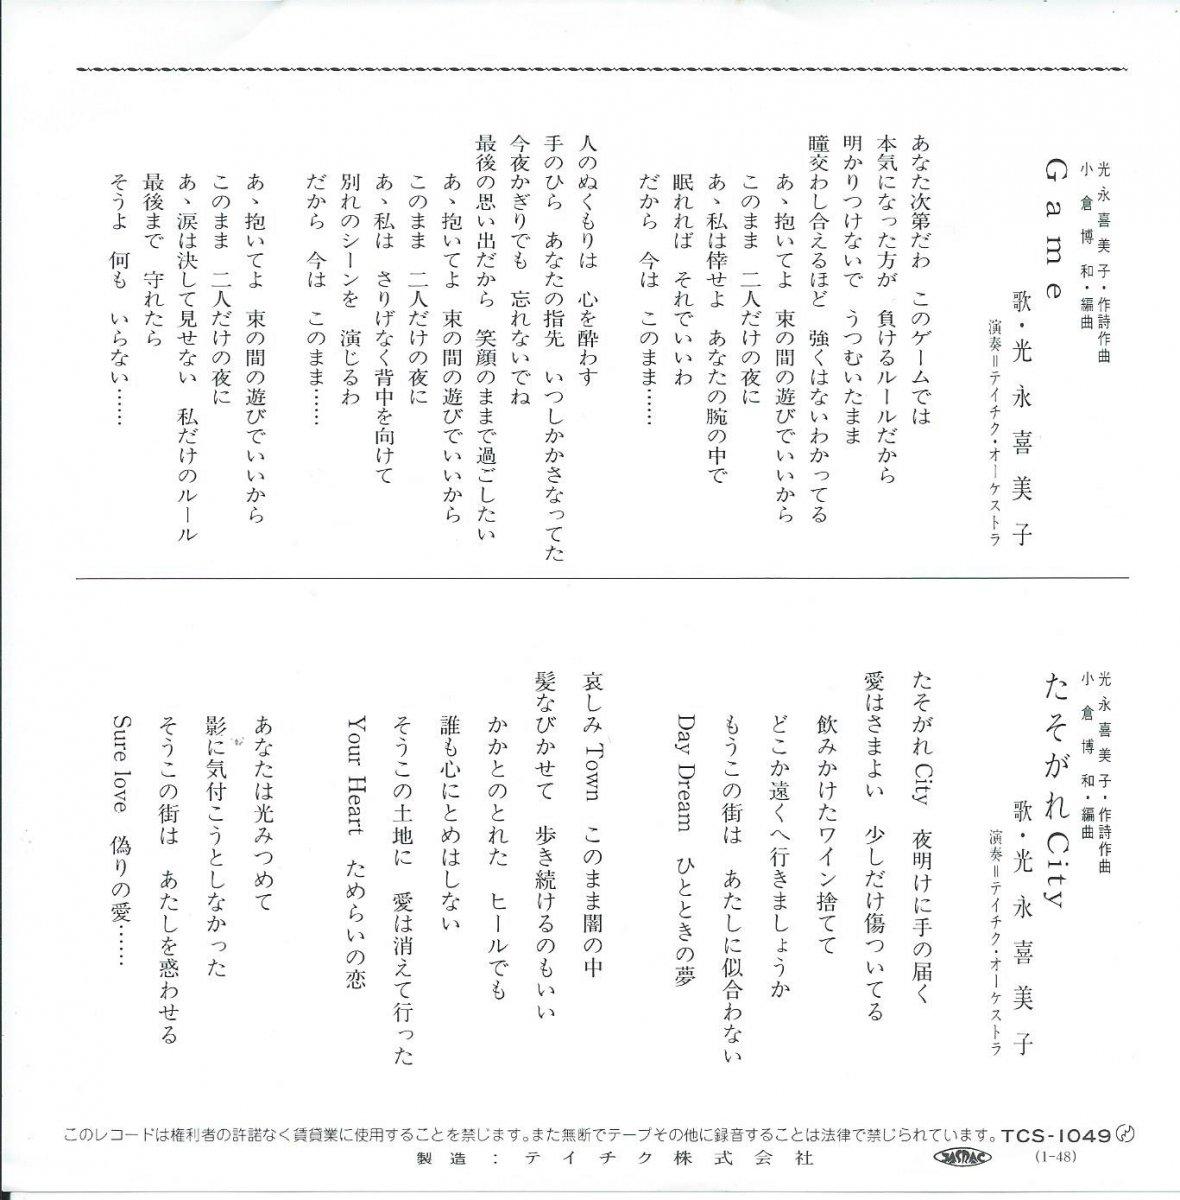 光永喜美子 / GAME / たそがれCITY (7